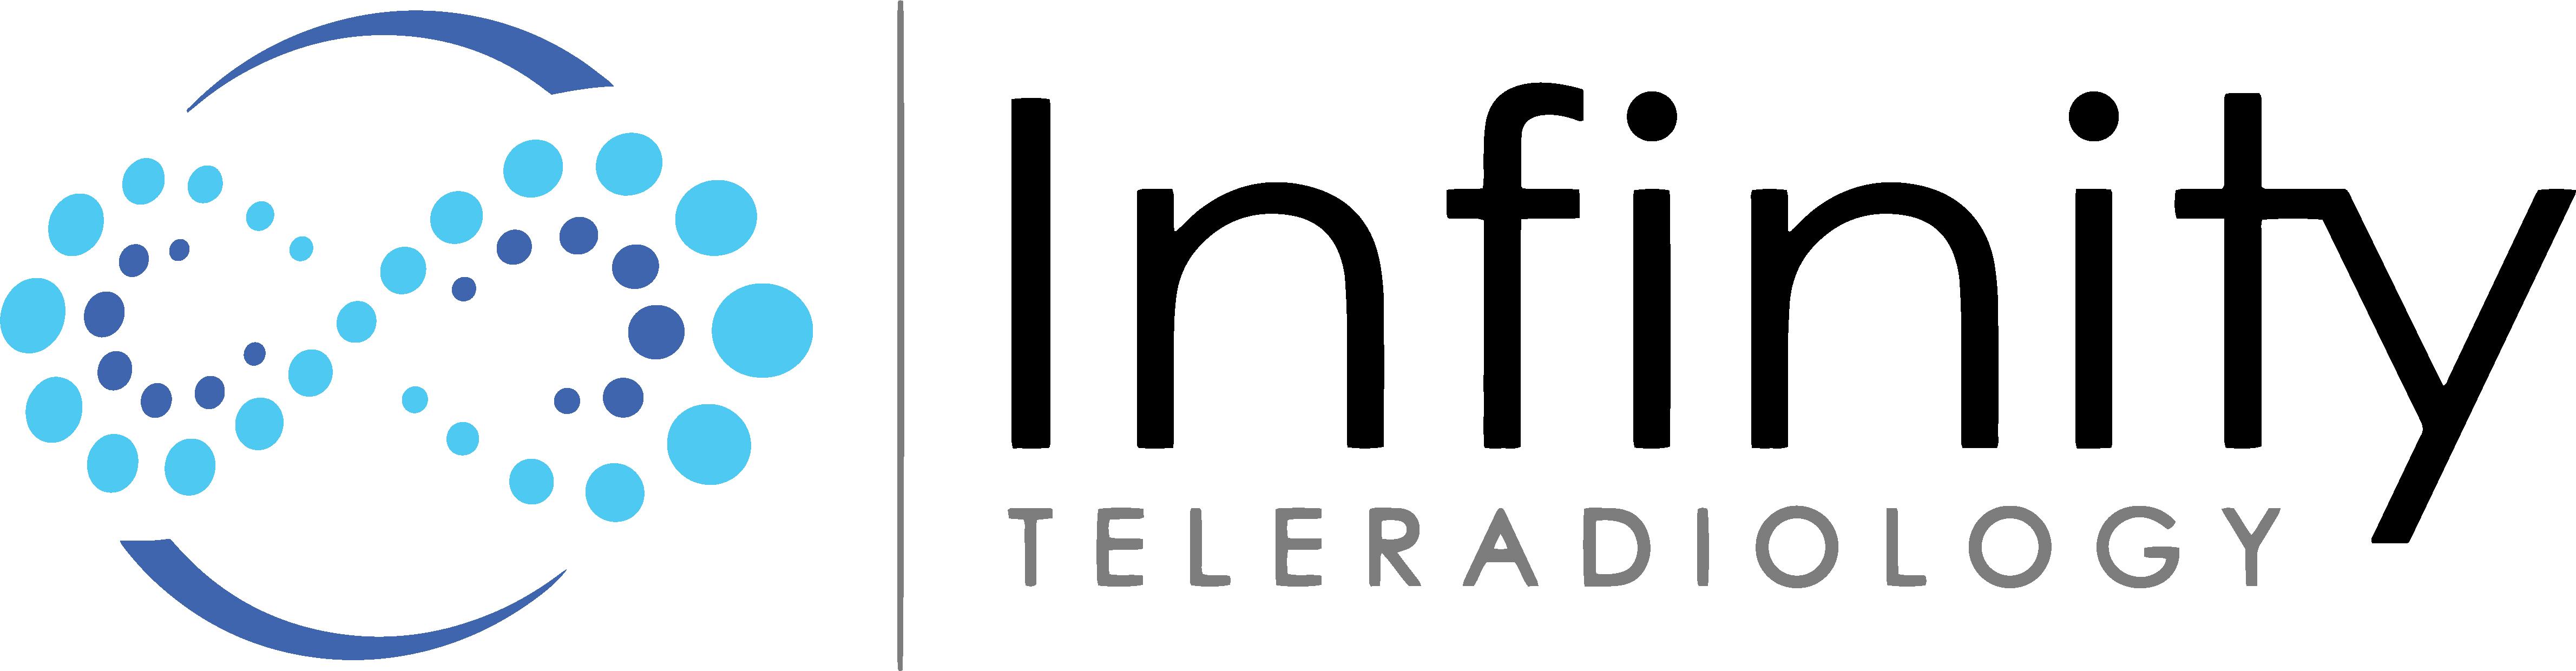 Infinity Teleradiology Logo